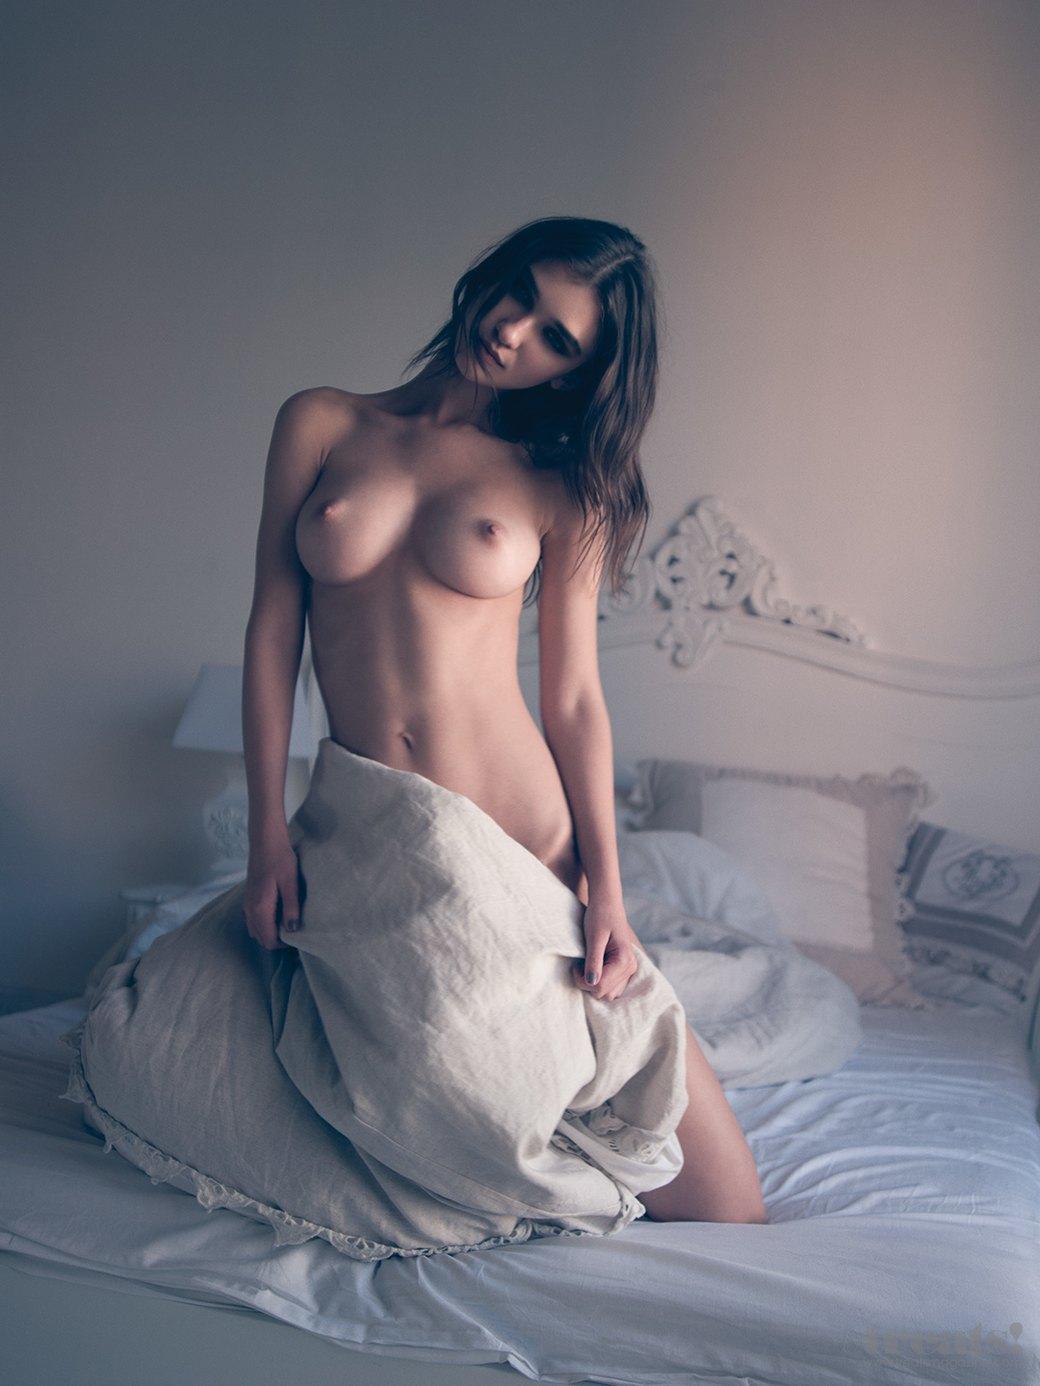 kolgotki-chulki-porno-fetish